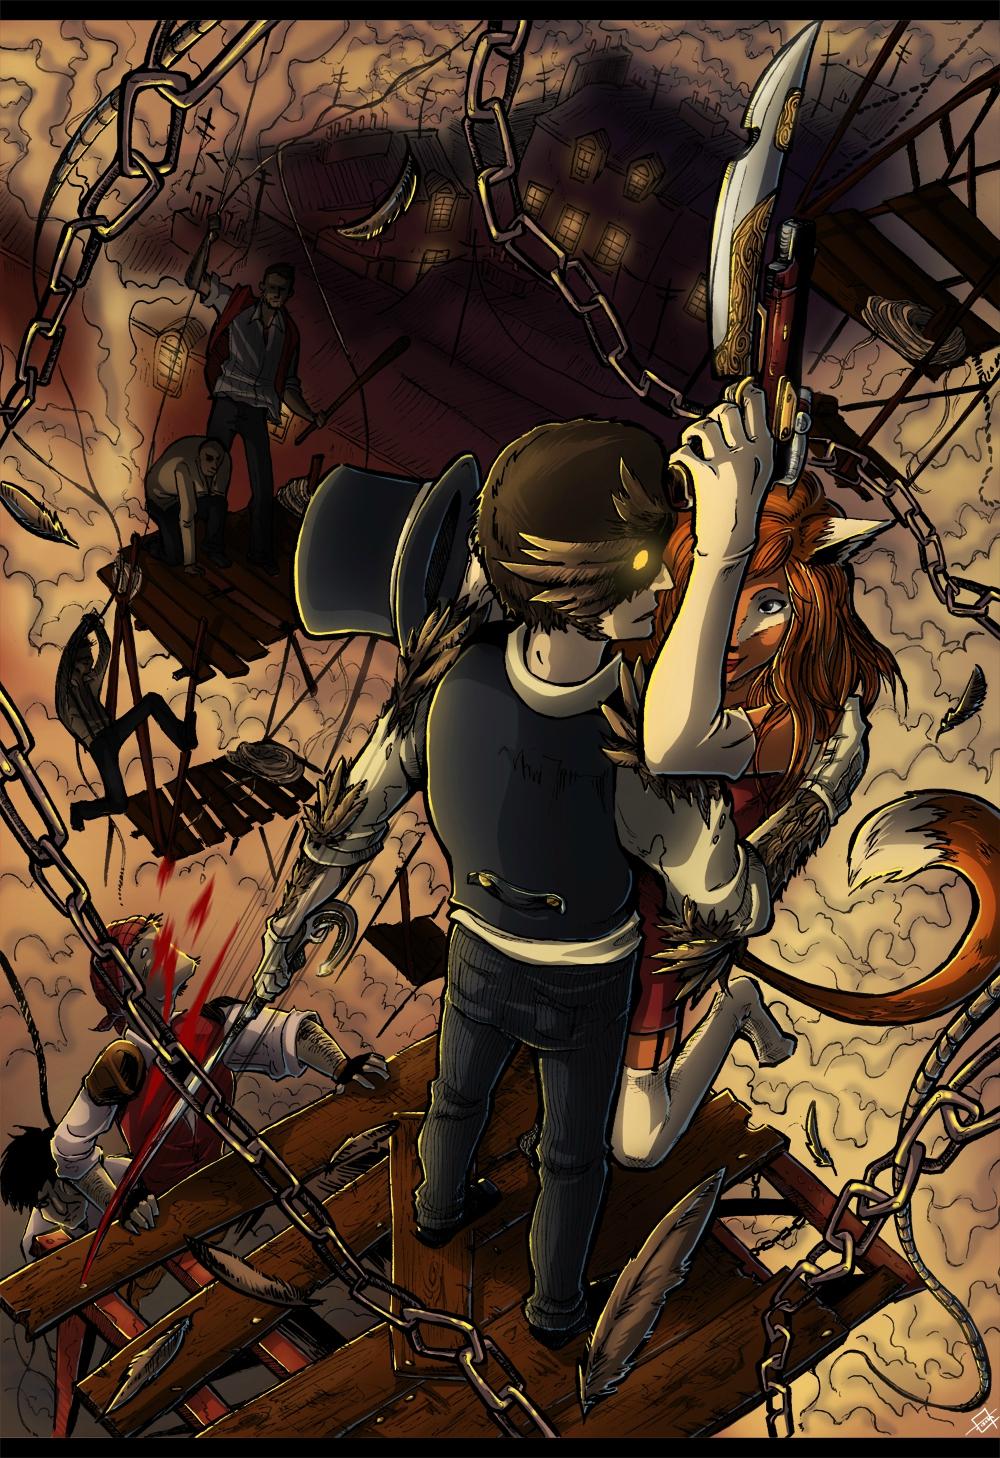 illustration dessin manga comment colorier photoshop couleur